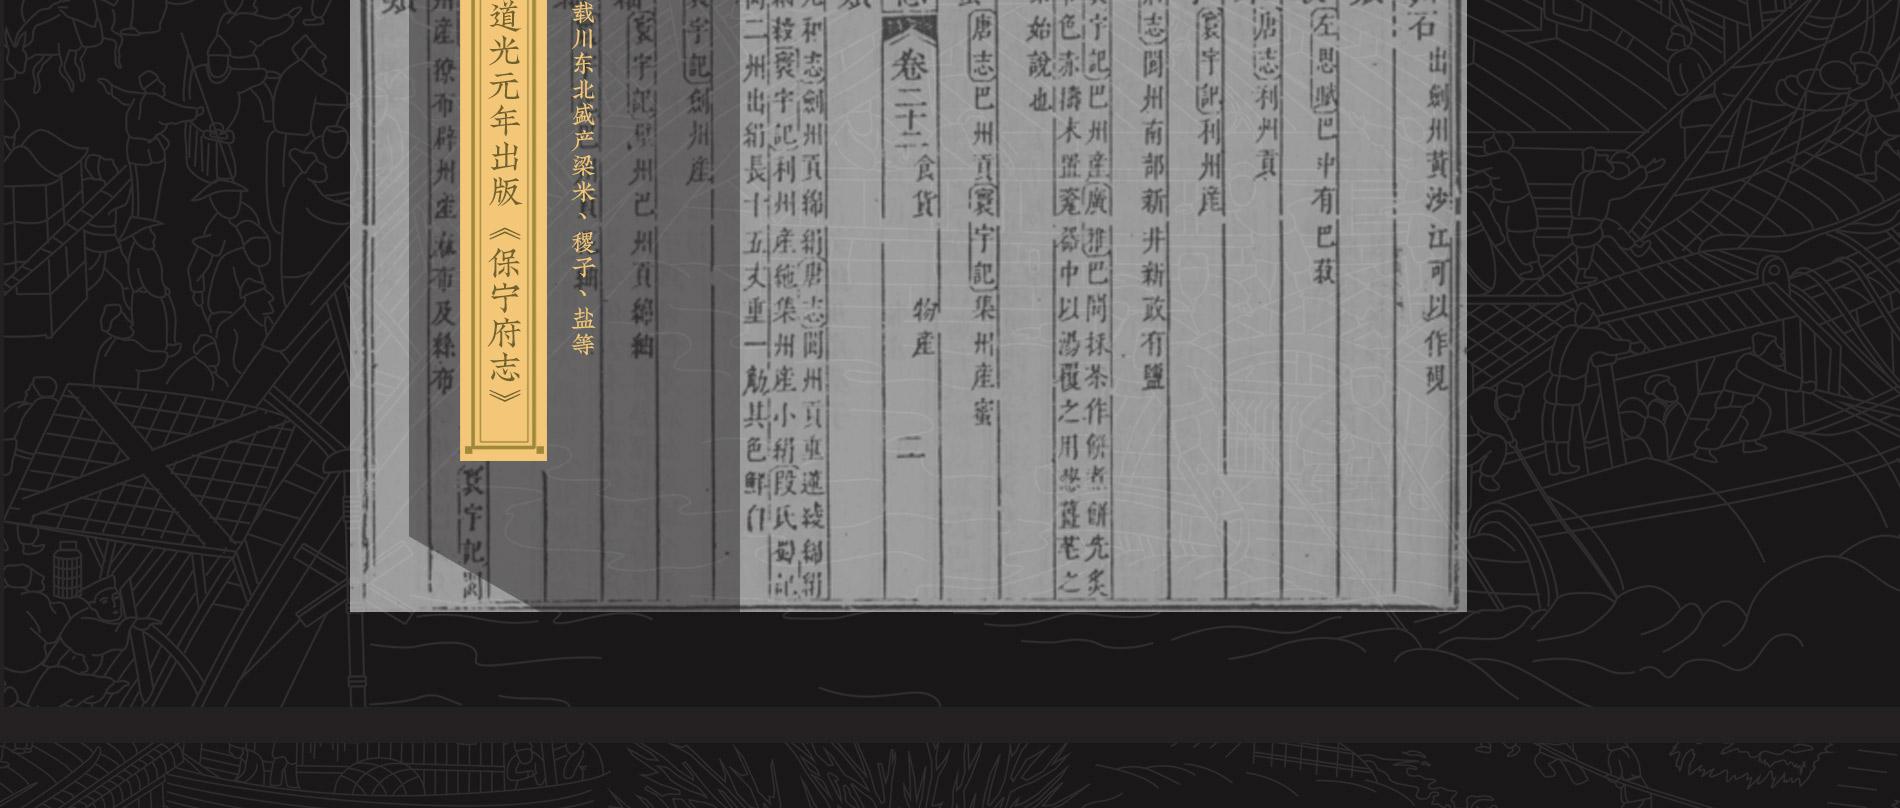 古书记载-恢复的_07.jpg